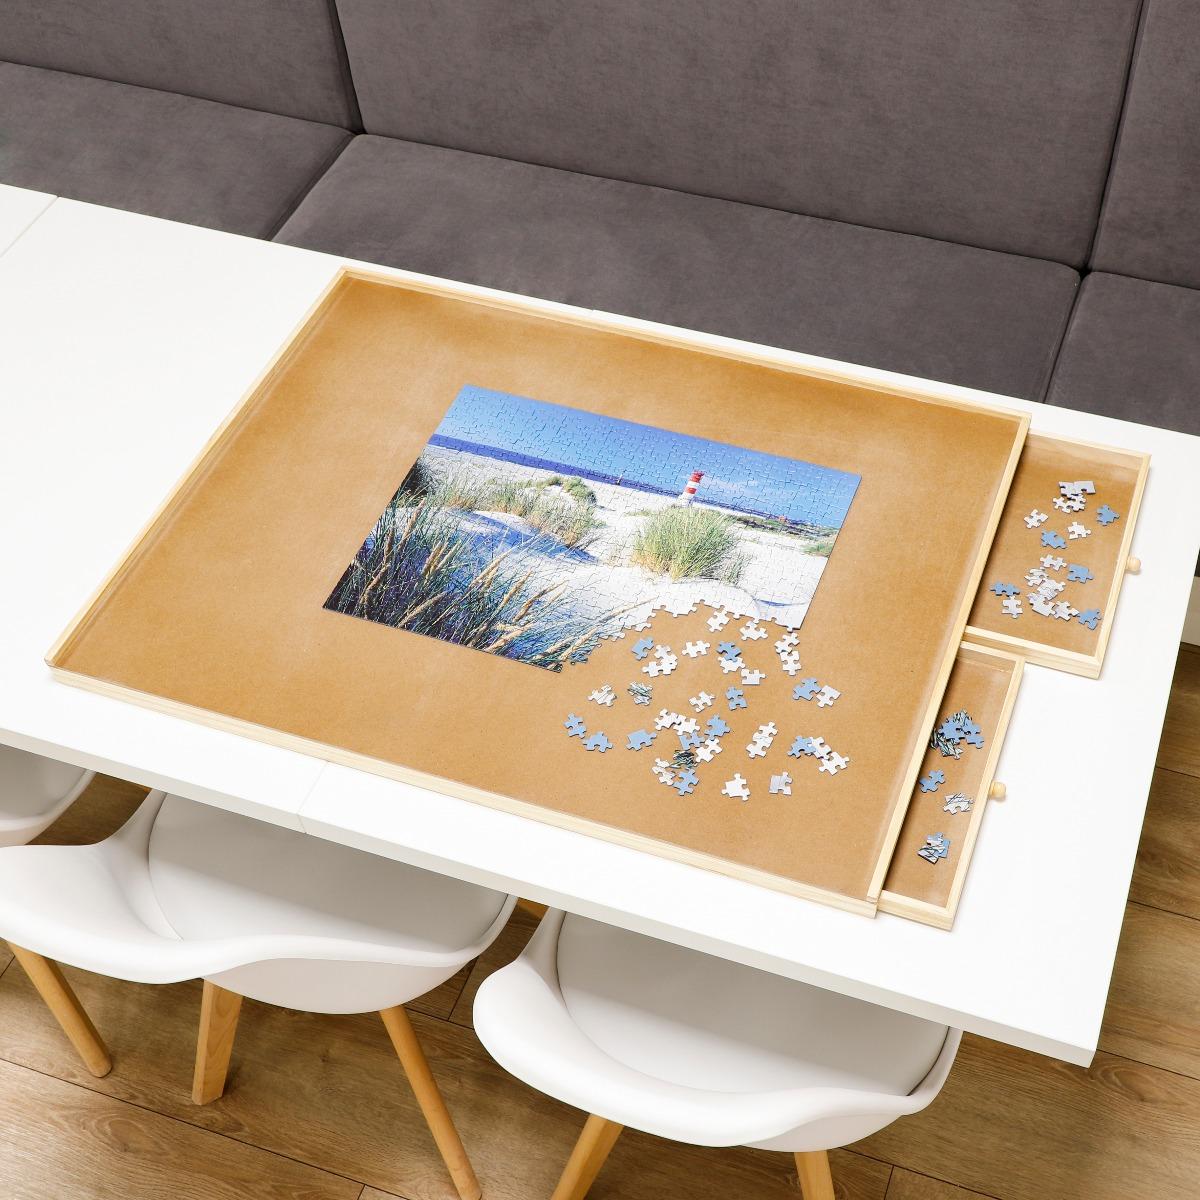 Puzzelplaat met lades - Gemakkelijk je puzzel opruimen - 90x67 cm